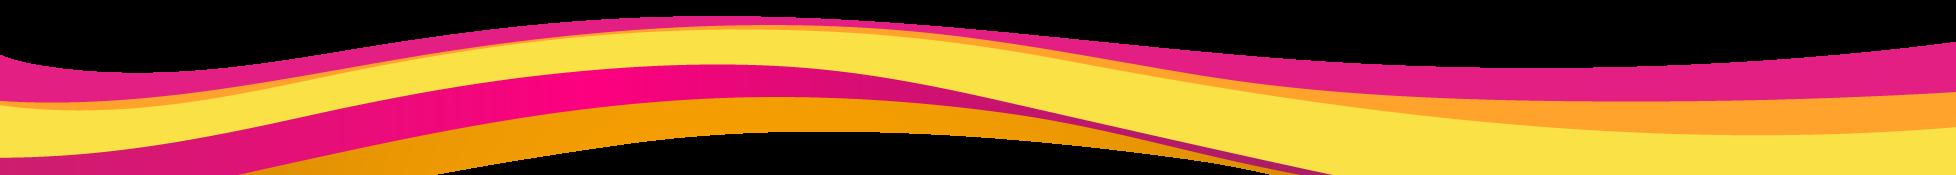 Banner_JLS_1920X480_Dec_wave